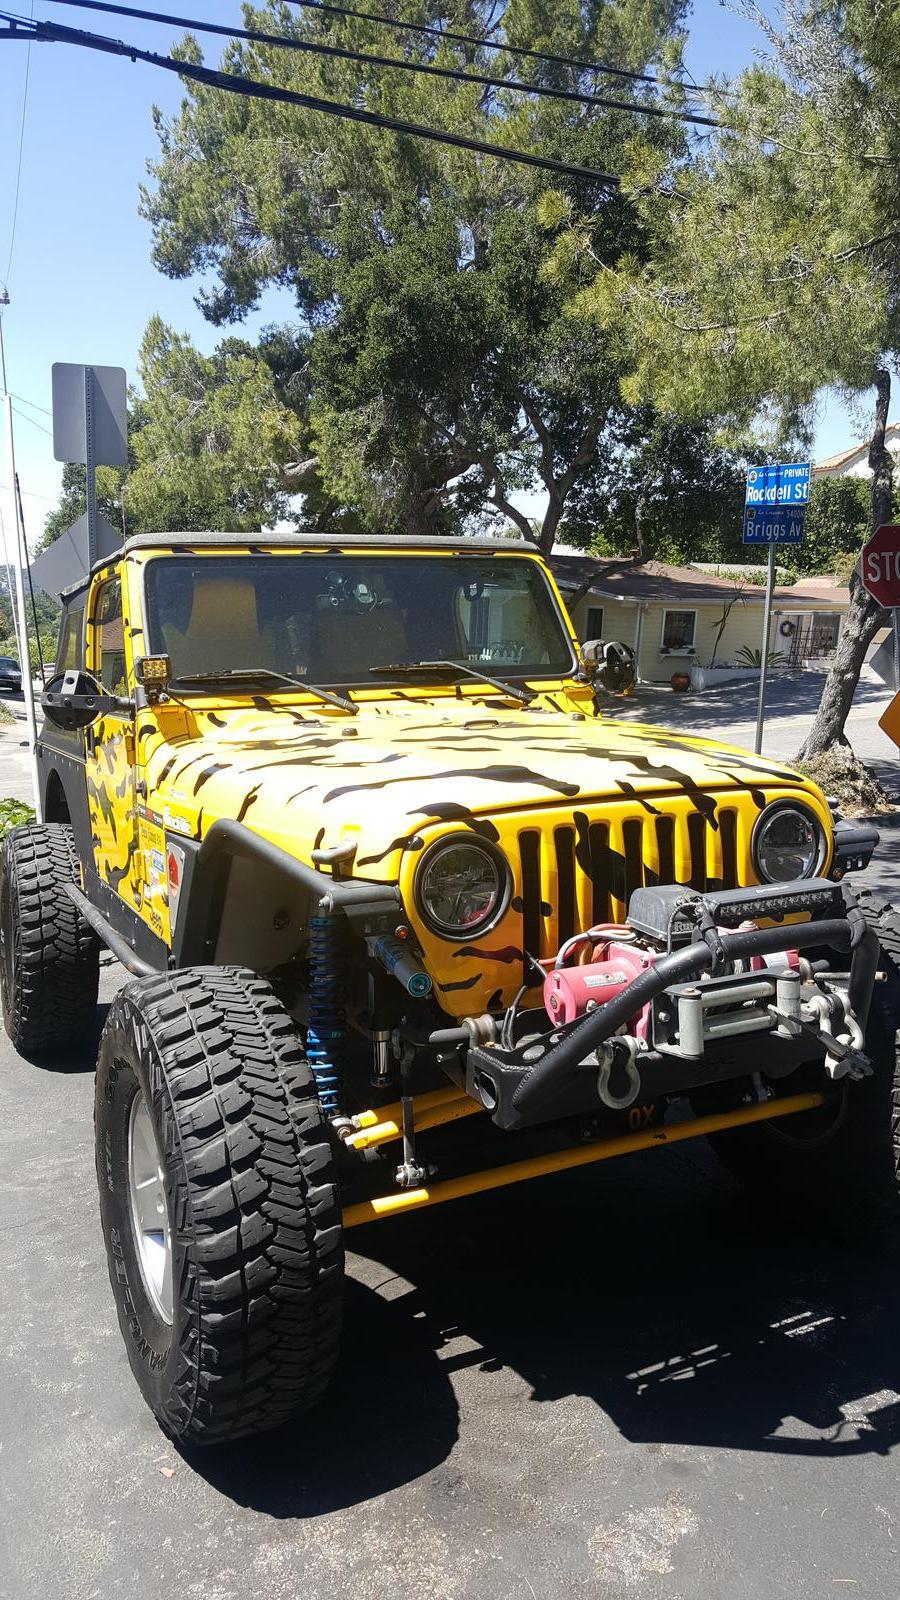 Tk S Yellow Krait Ljk Buildup By Tkfx Jeep Wrangler Tj Builds